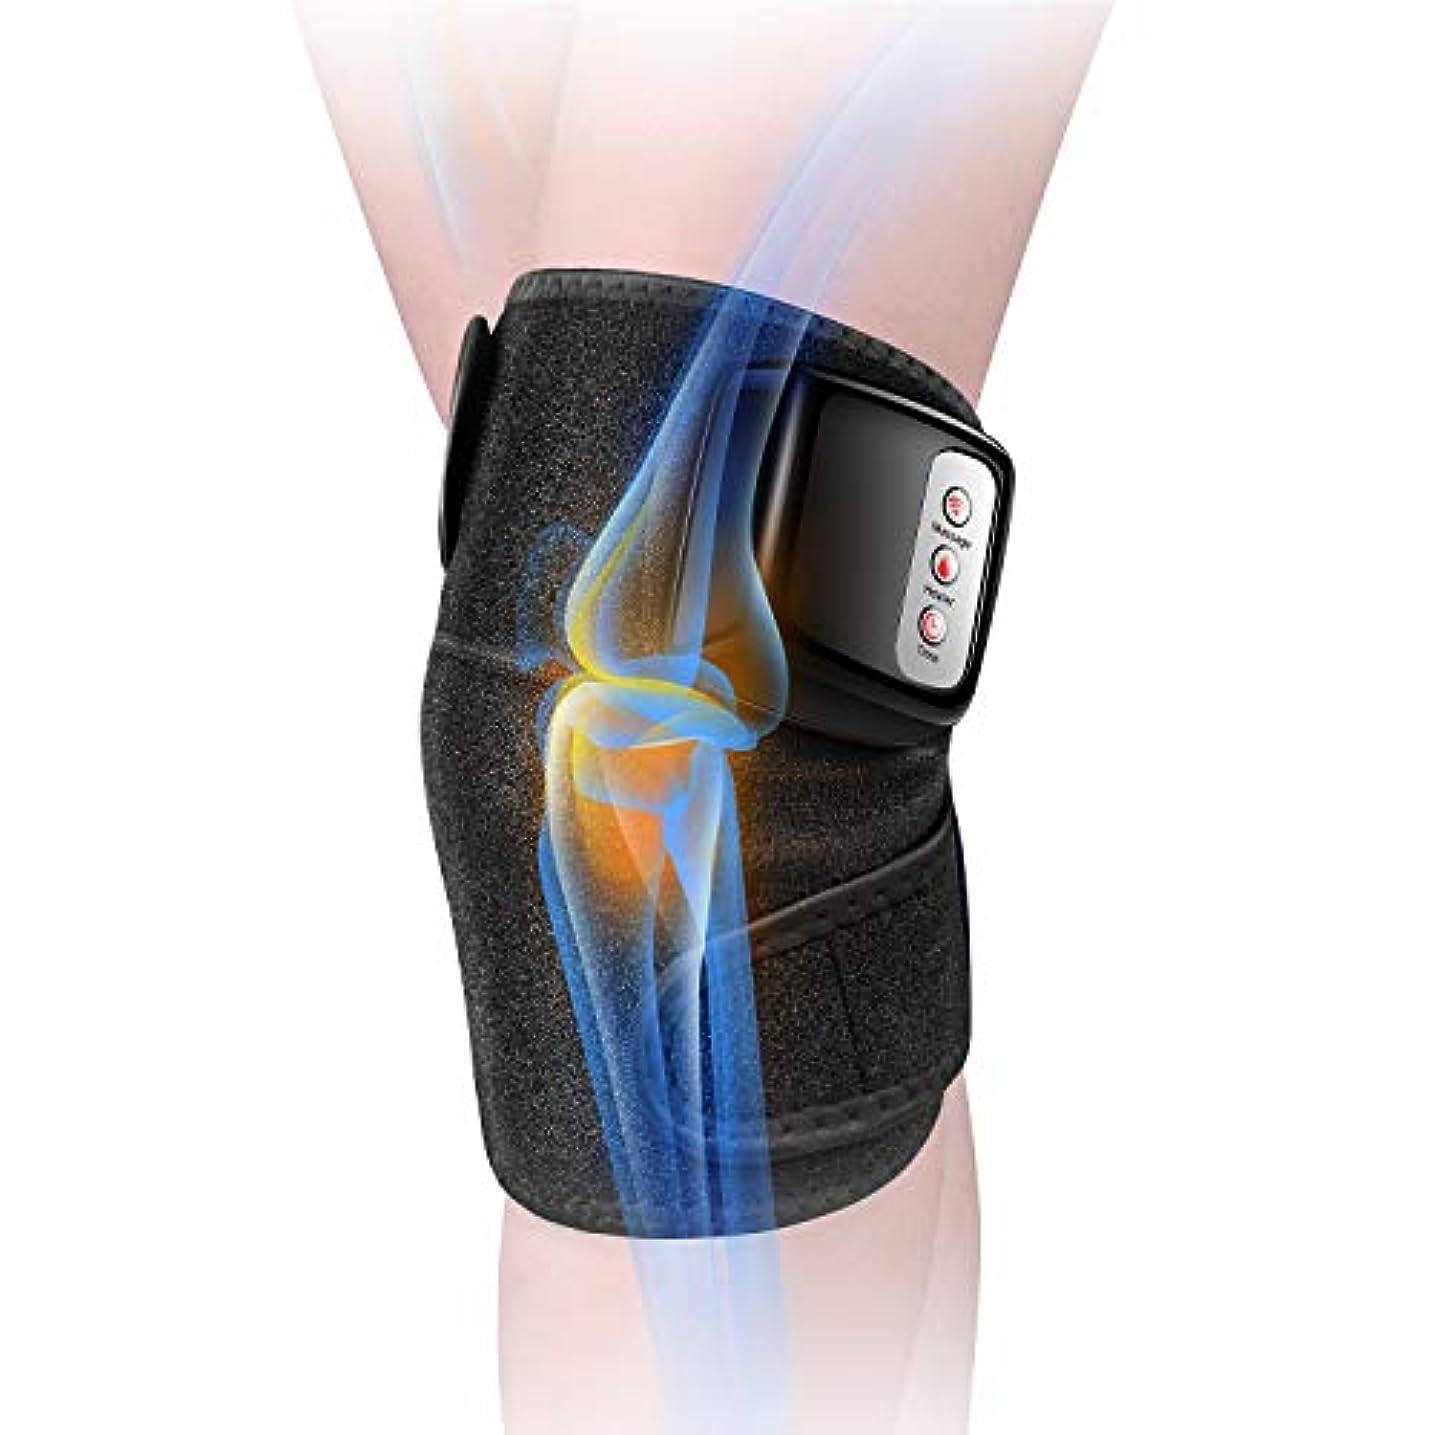 周辺理容室死すべき膝マッサージャー 関節マッサージャー マッサージ器 フットマッサージャー 振動 赤外線療法 温熱療法 膝サポーター ストレス解消 肩 太もも/腕対応